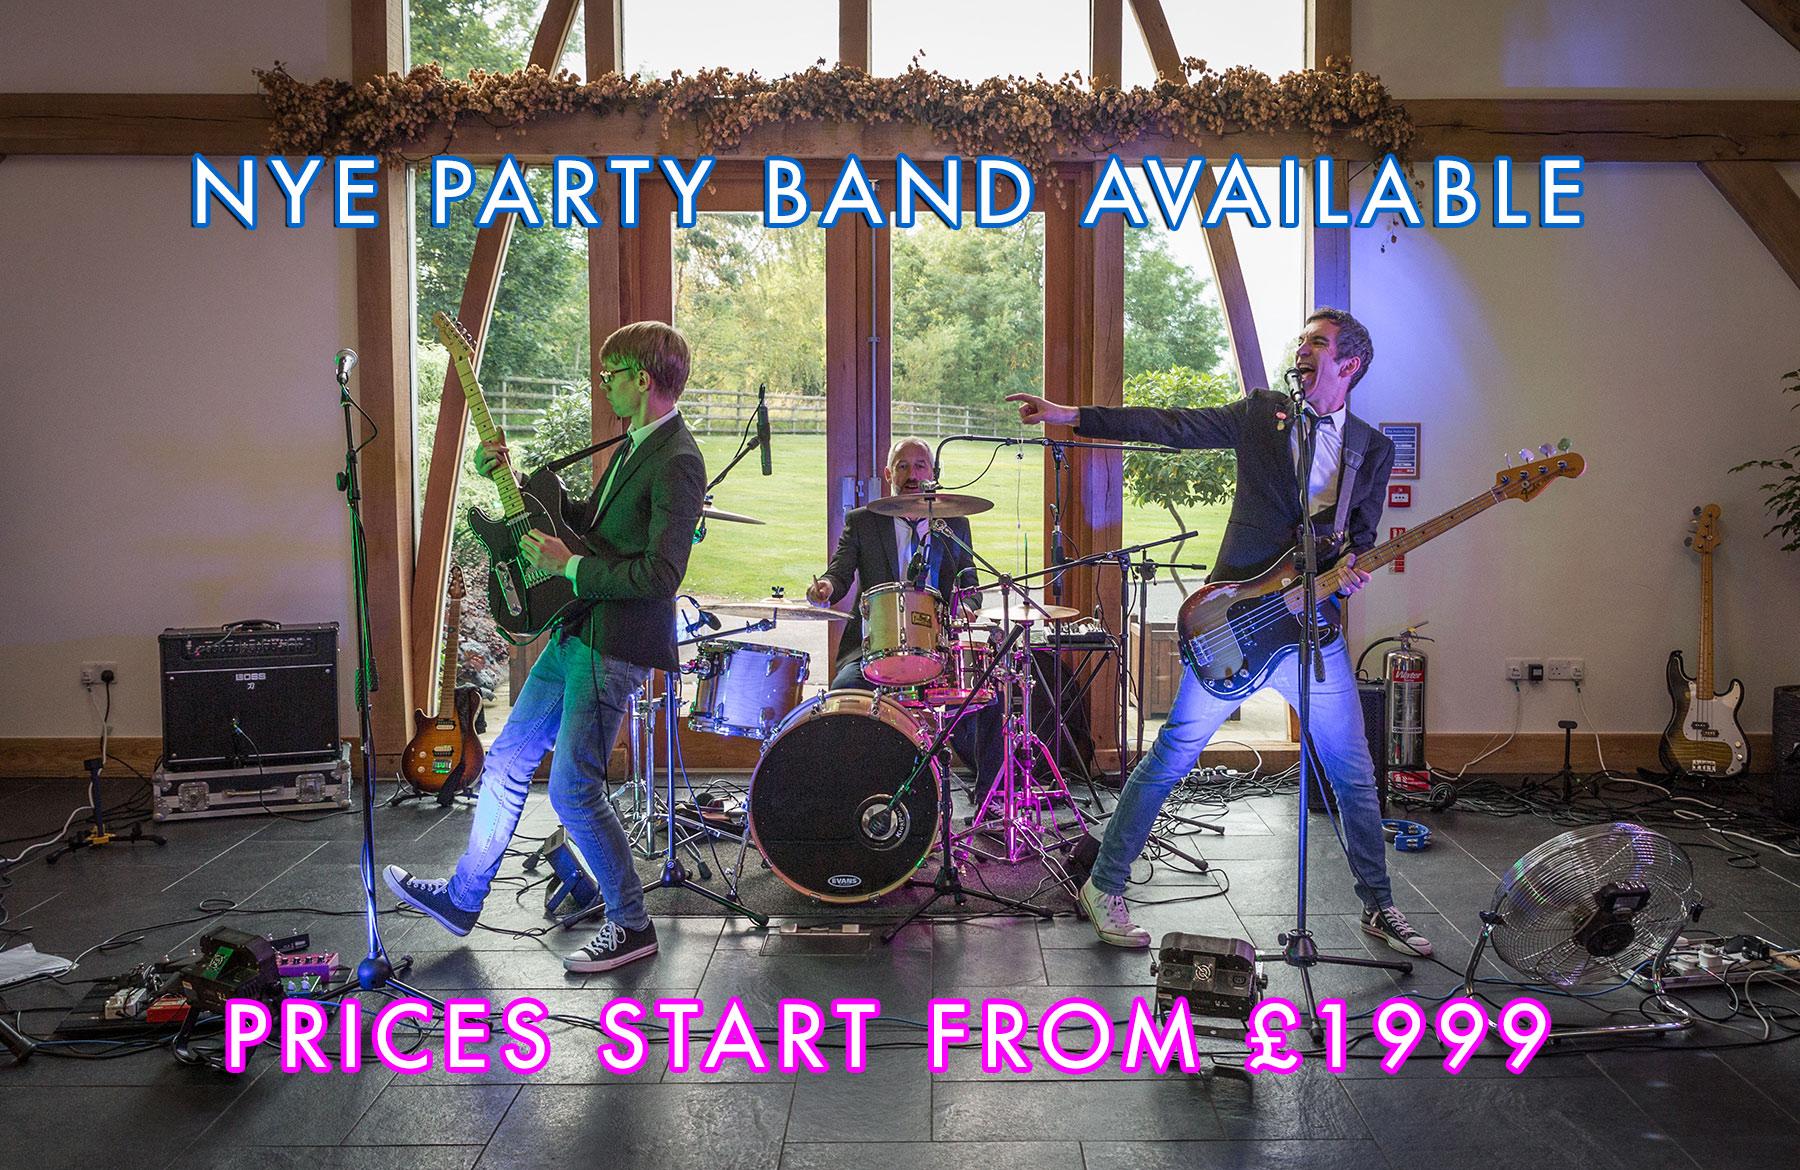 Last Minute NYE Band